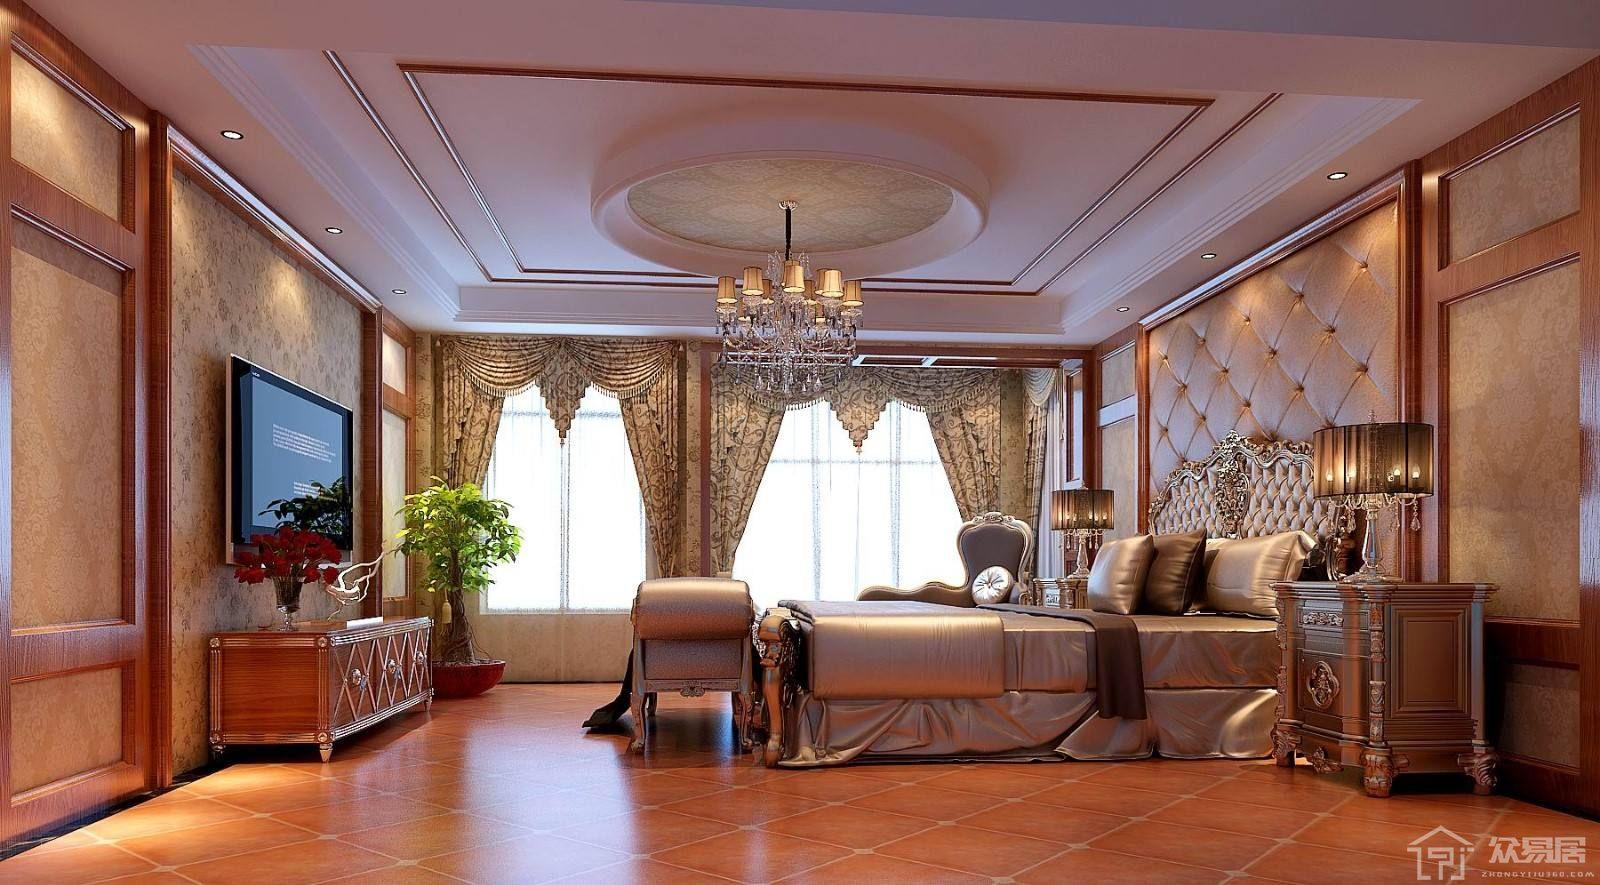 卧室吊顶材料介绍 卧室吊顶如何选购装修材料